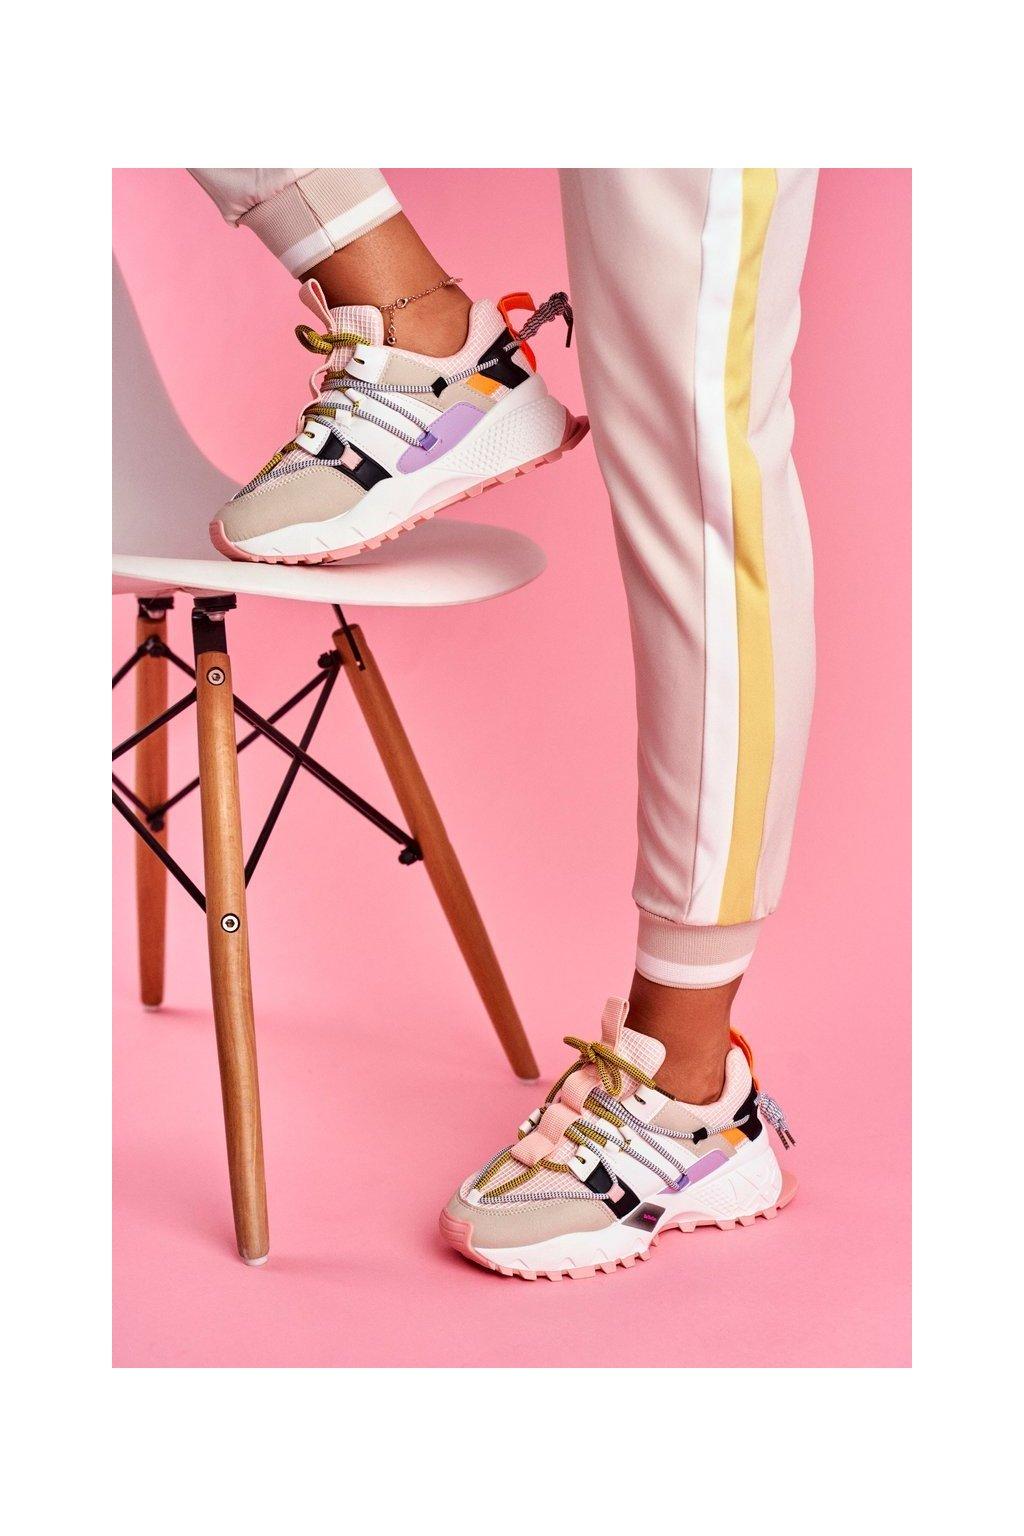 Dámska športová obuv Ružová LA91 Be One